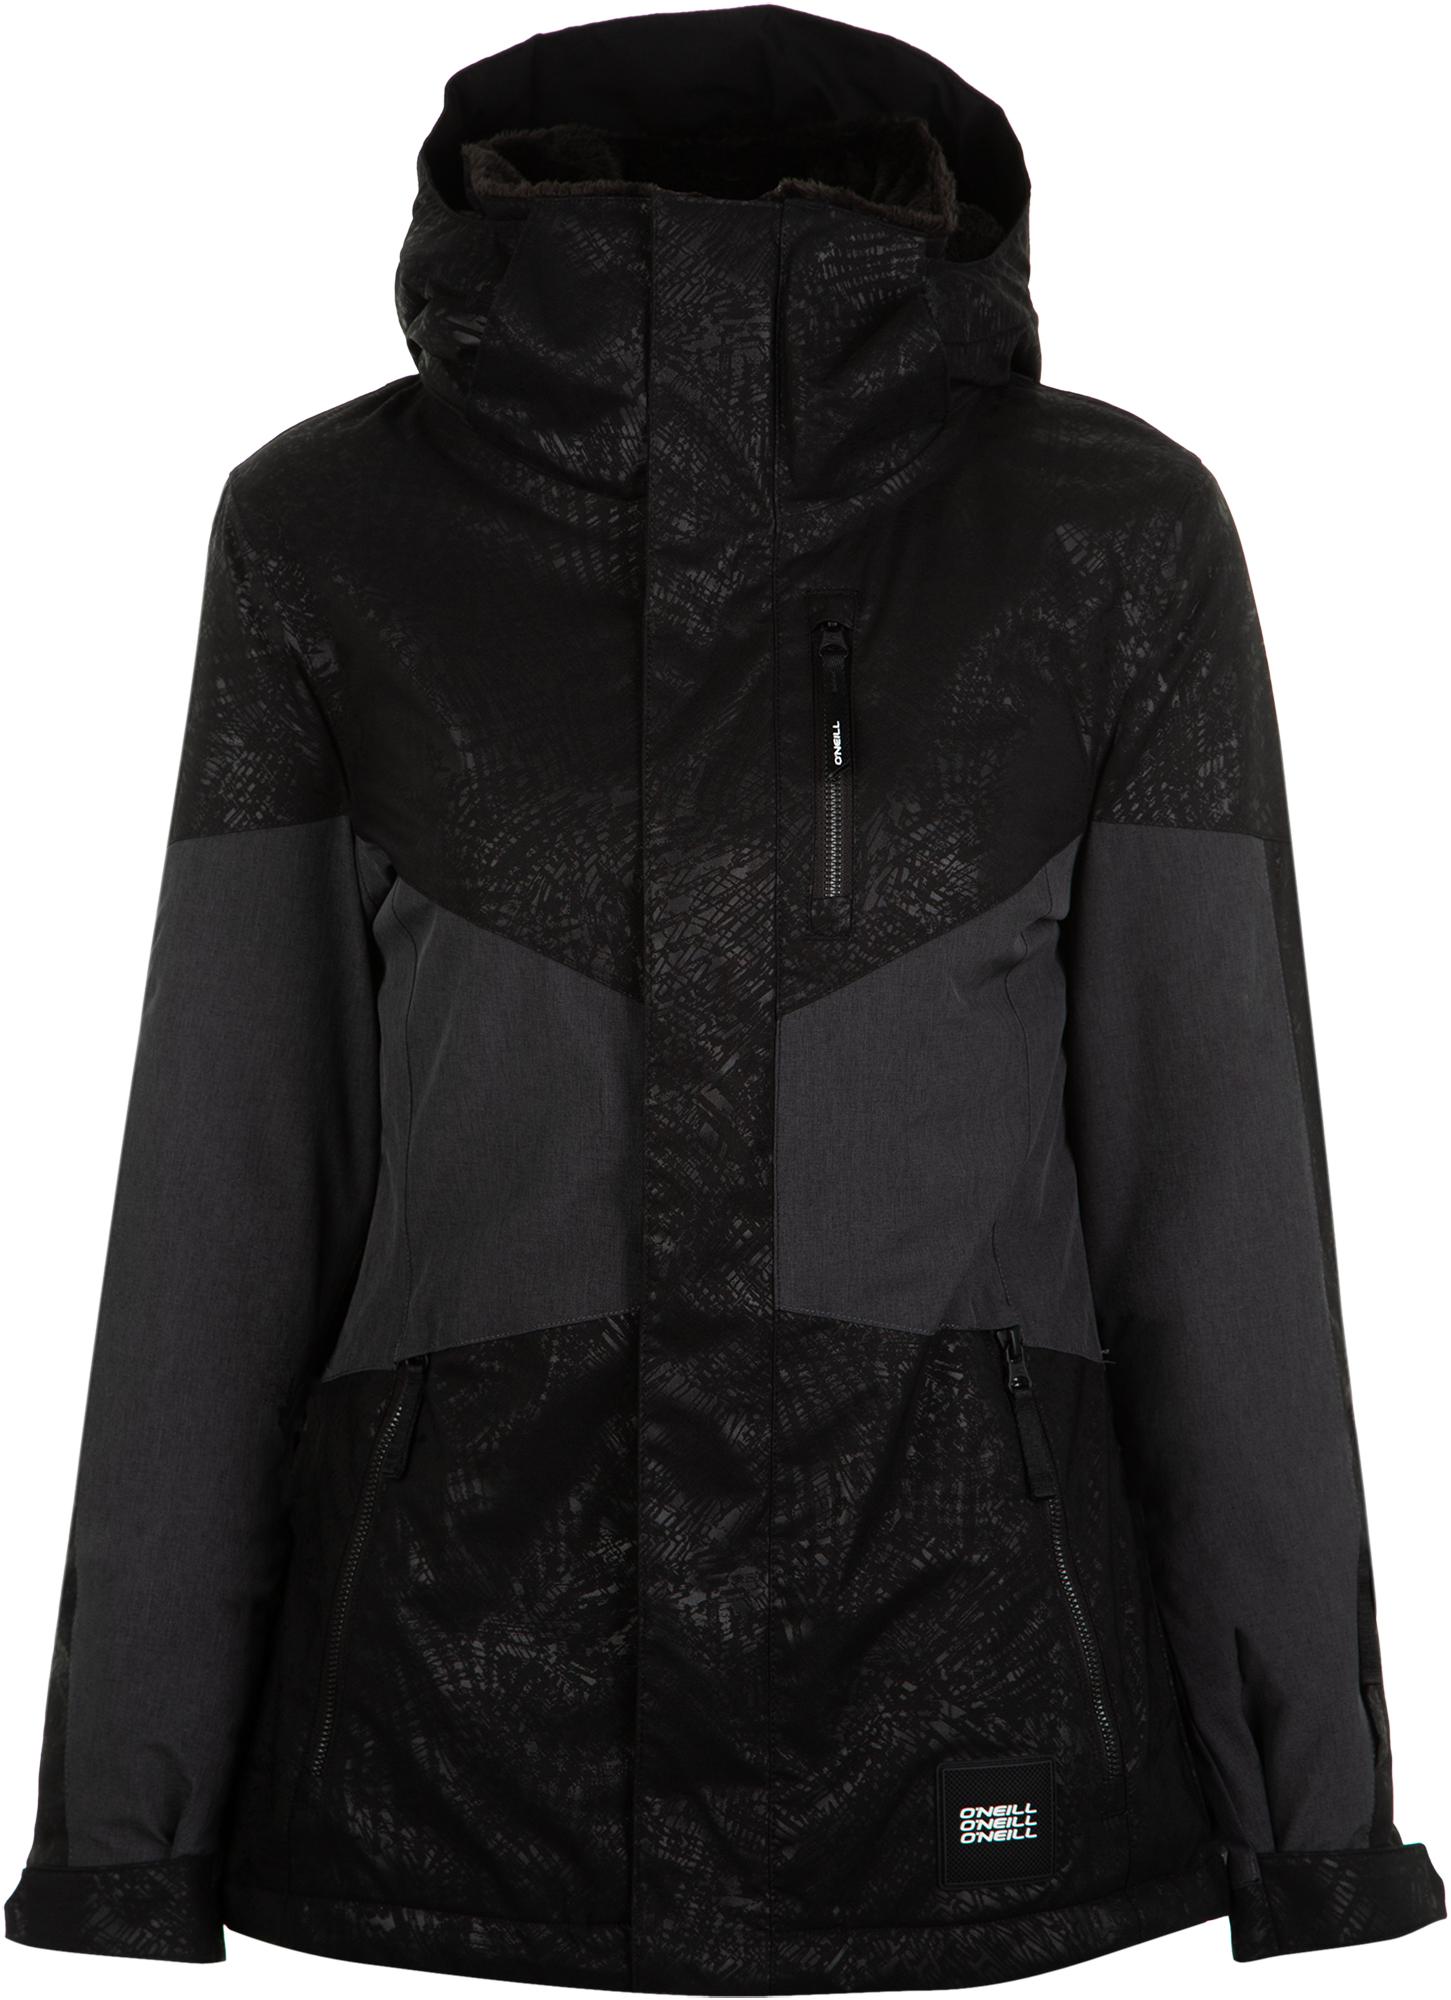 O'Neill Куртка утепленная женская O'Neill Pw Coral, размер 42-44 o neill куртка утепленная женская o neill pw hybrid cluster iii размер 48 50